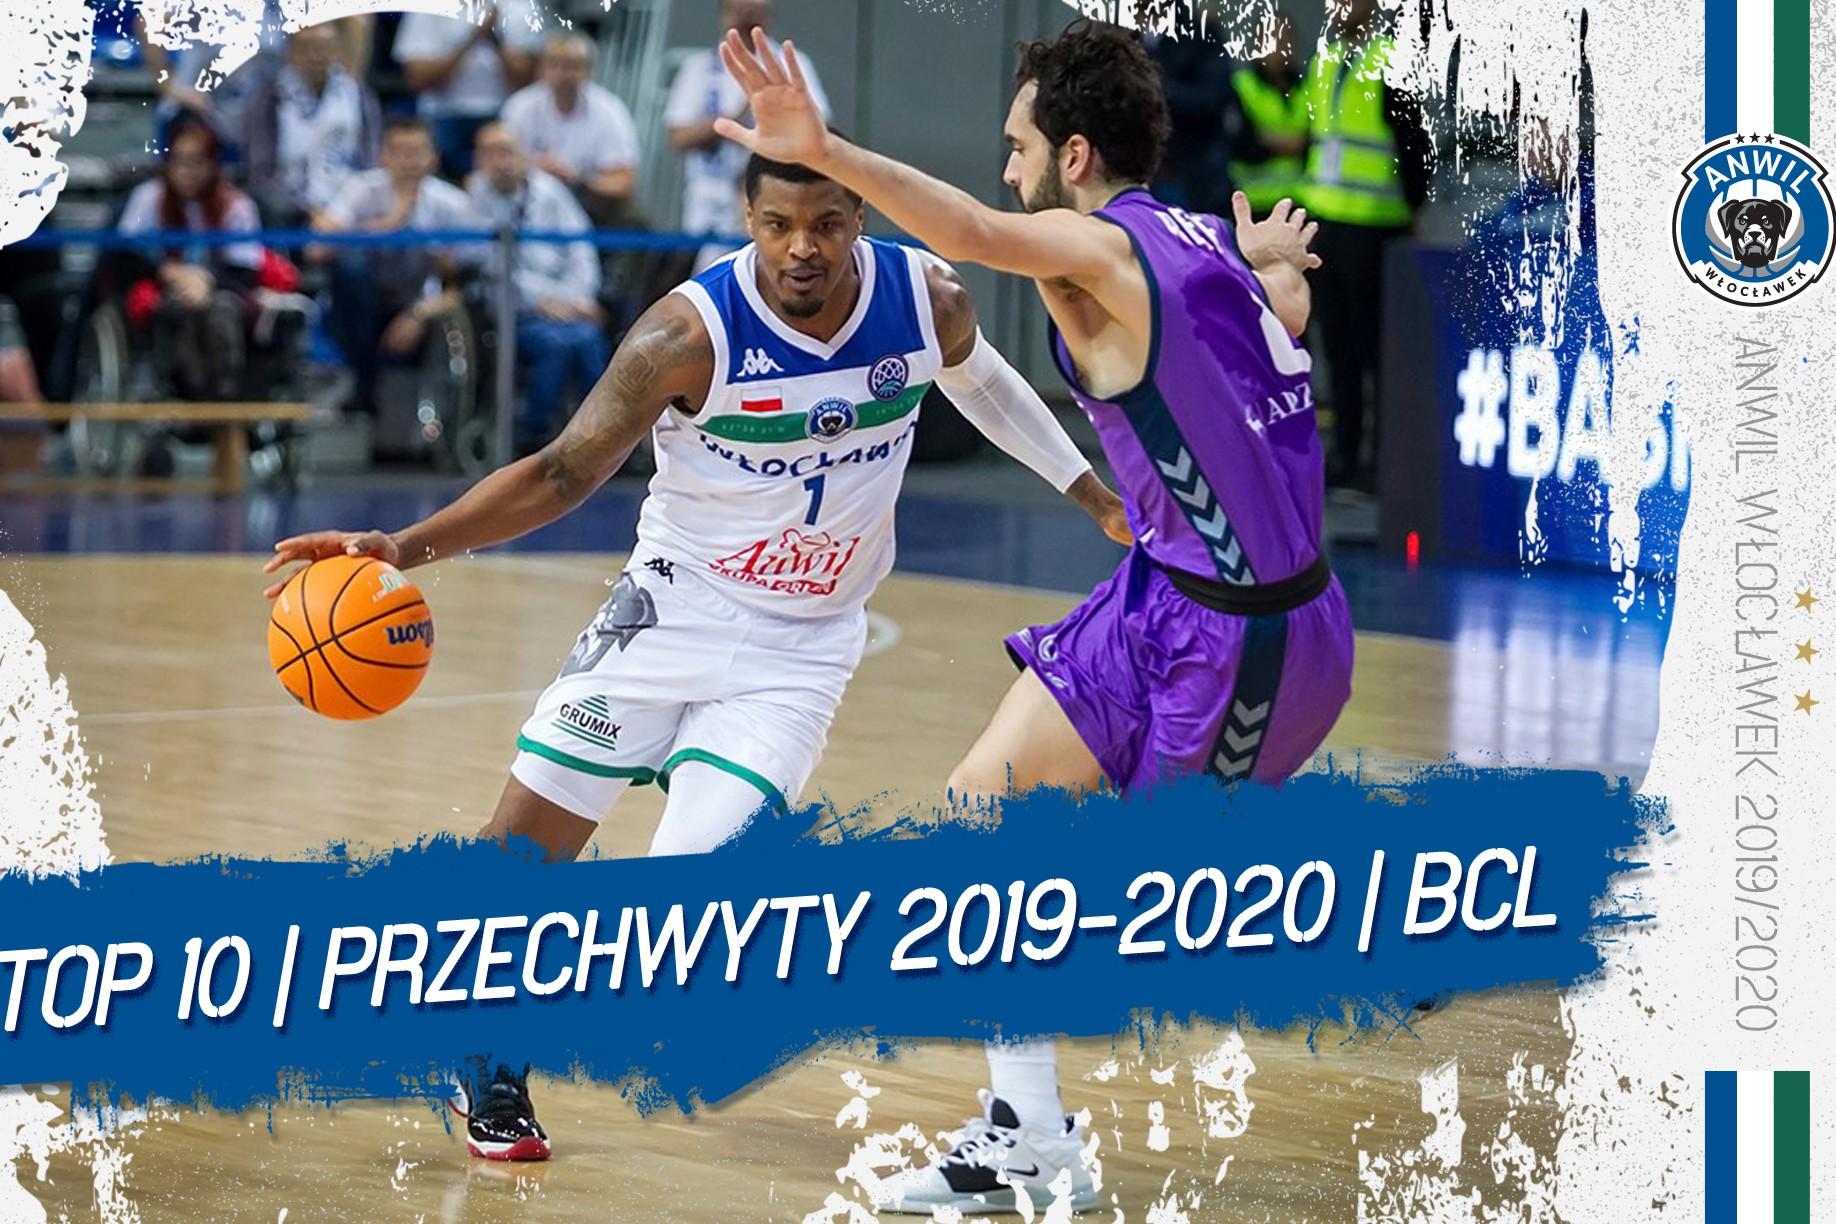 Wideo | TOP 10 przechwytów Anwilu Włocławek w BCL 2019/2020